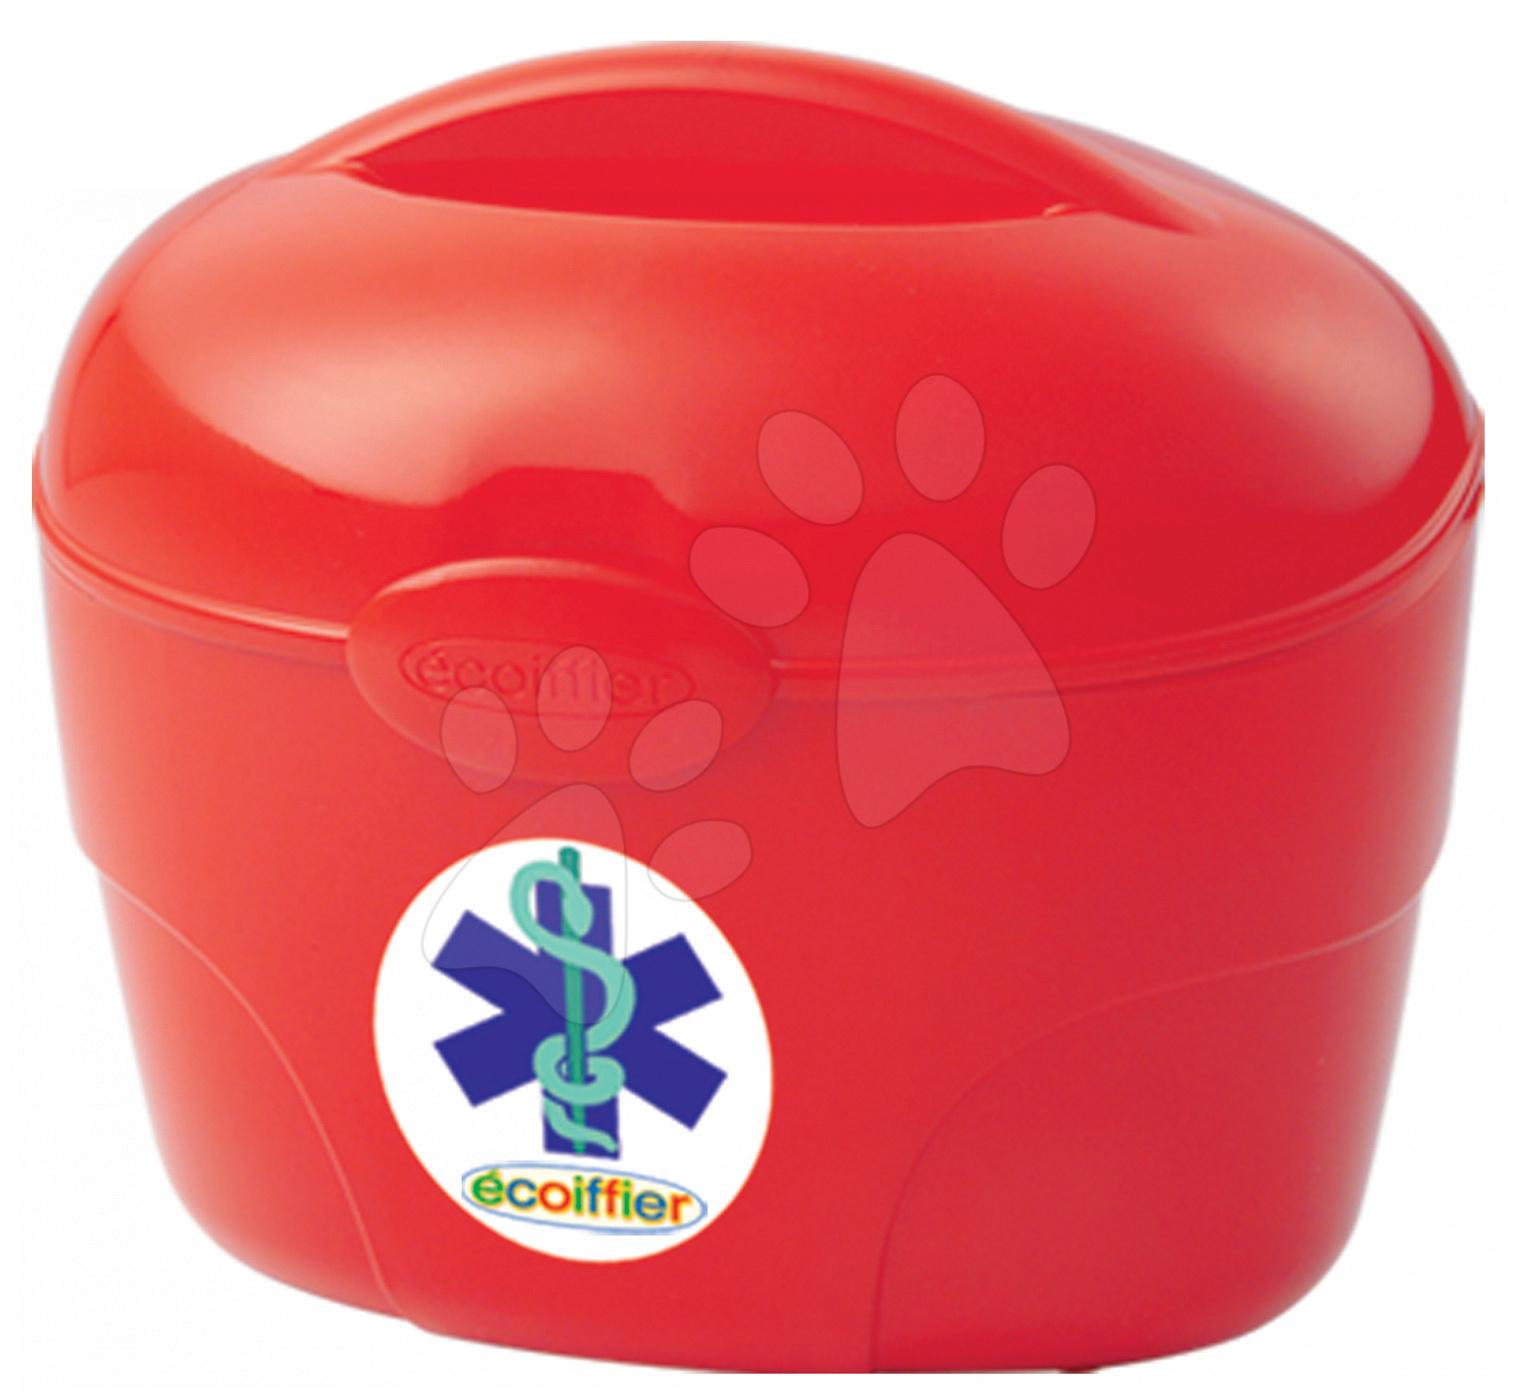 Lékařský kufřík Écoiffier se 6 doplňky červený